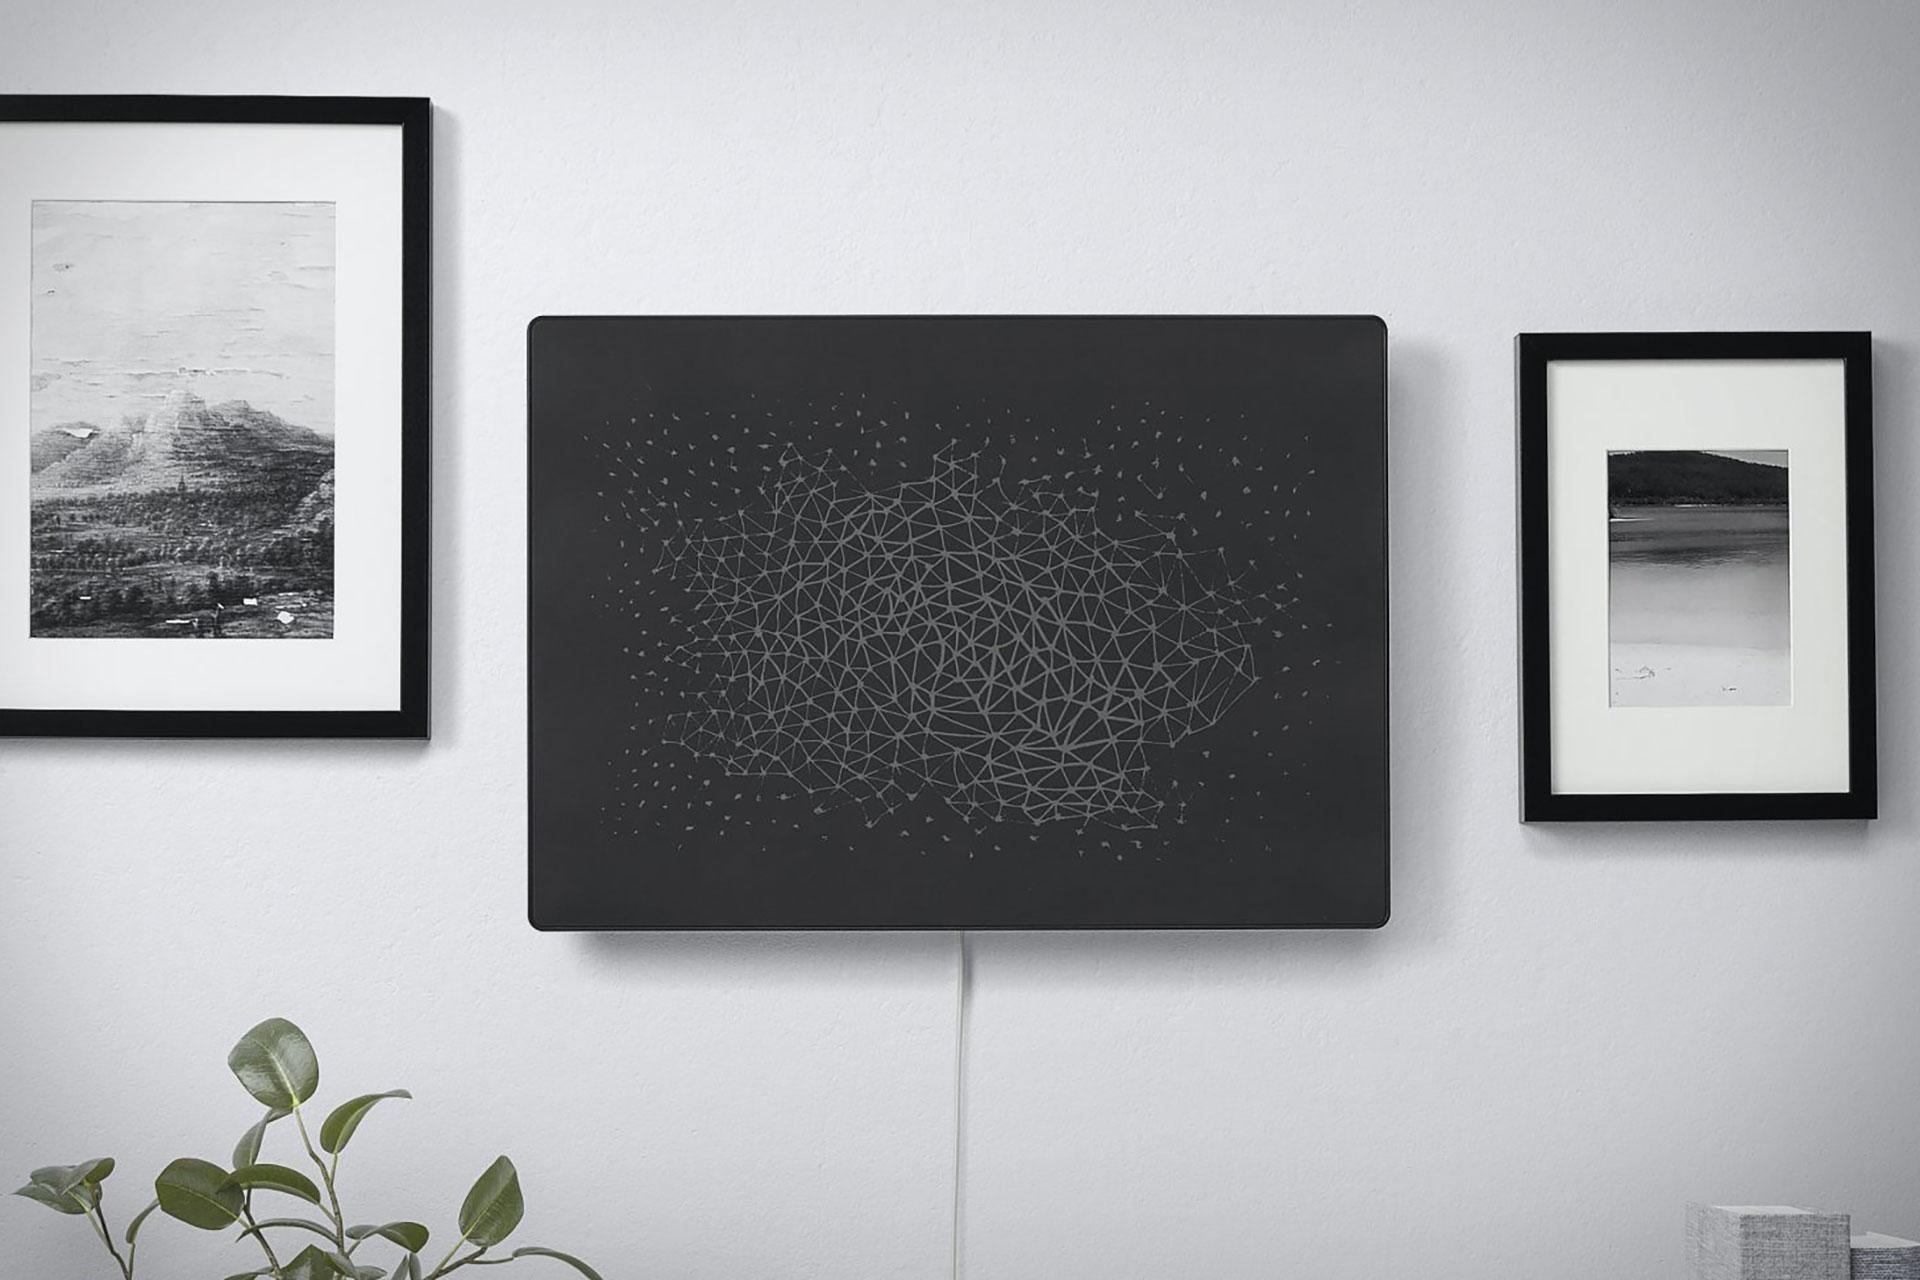 IKEA иSonos показали настенные колонки ввиде картин